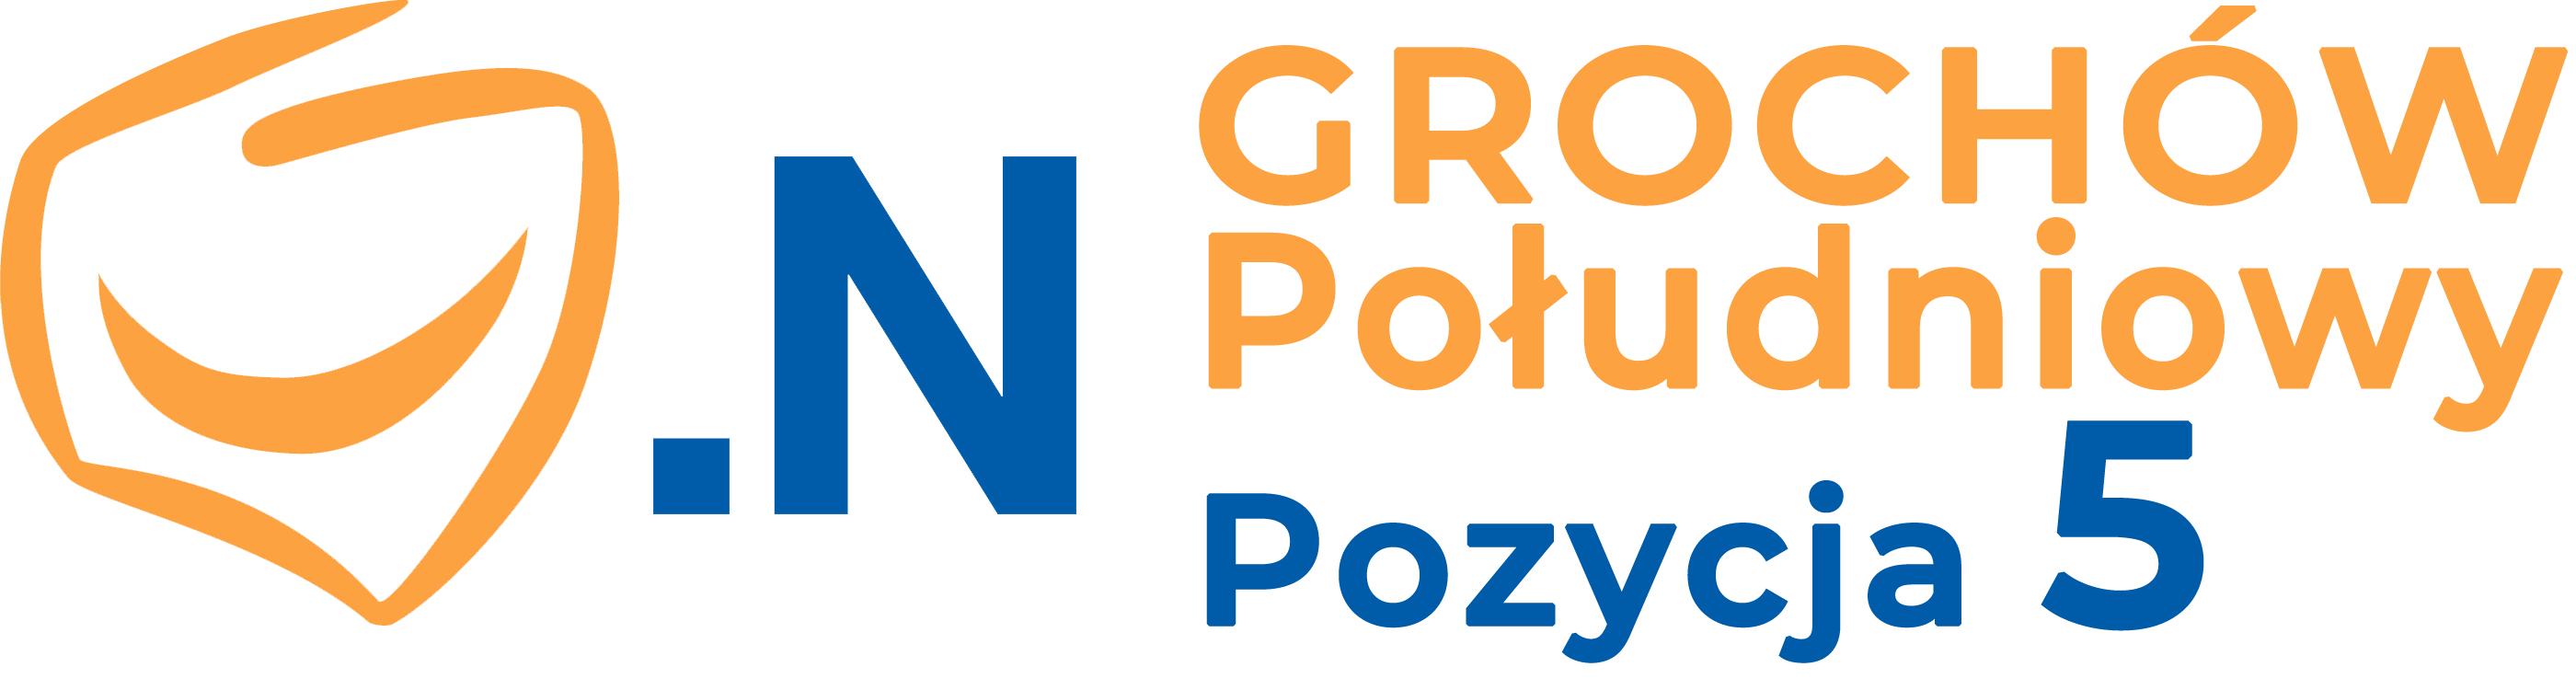 Adam Jankowski – Kandydat do Rady Dzielnicy Praga-Południe. Grochów Południowy – pozycja 5